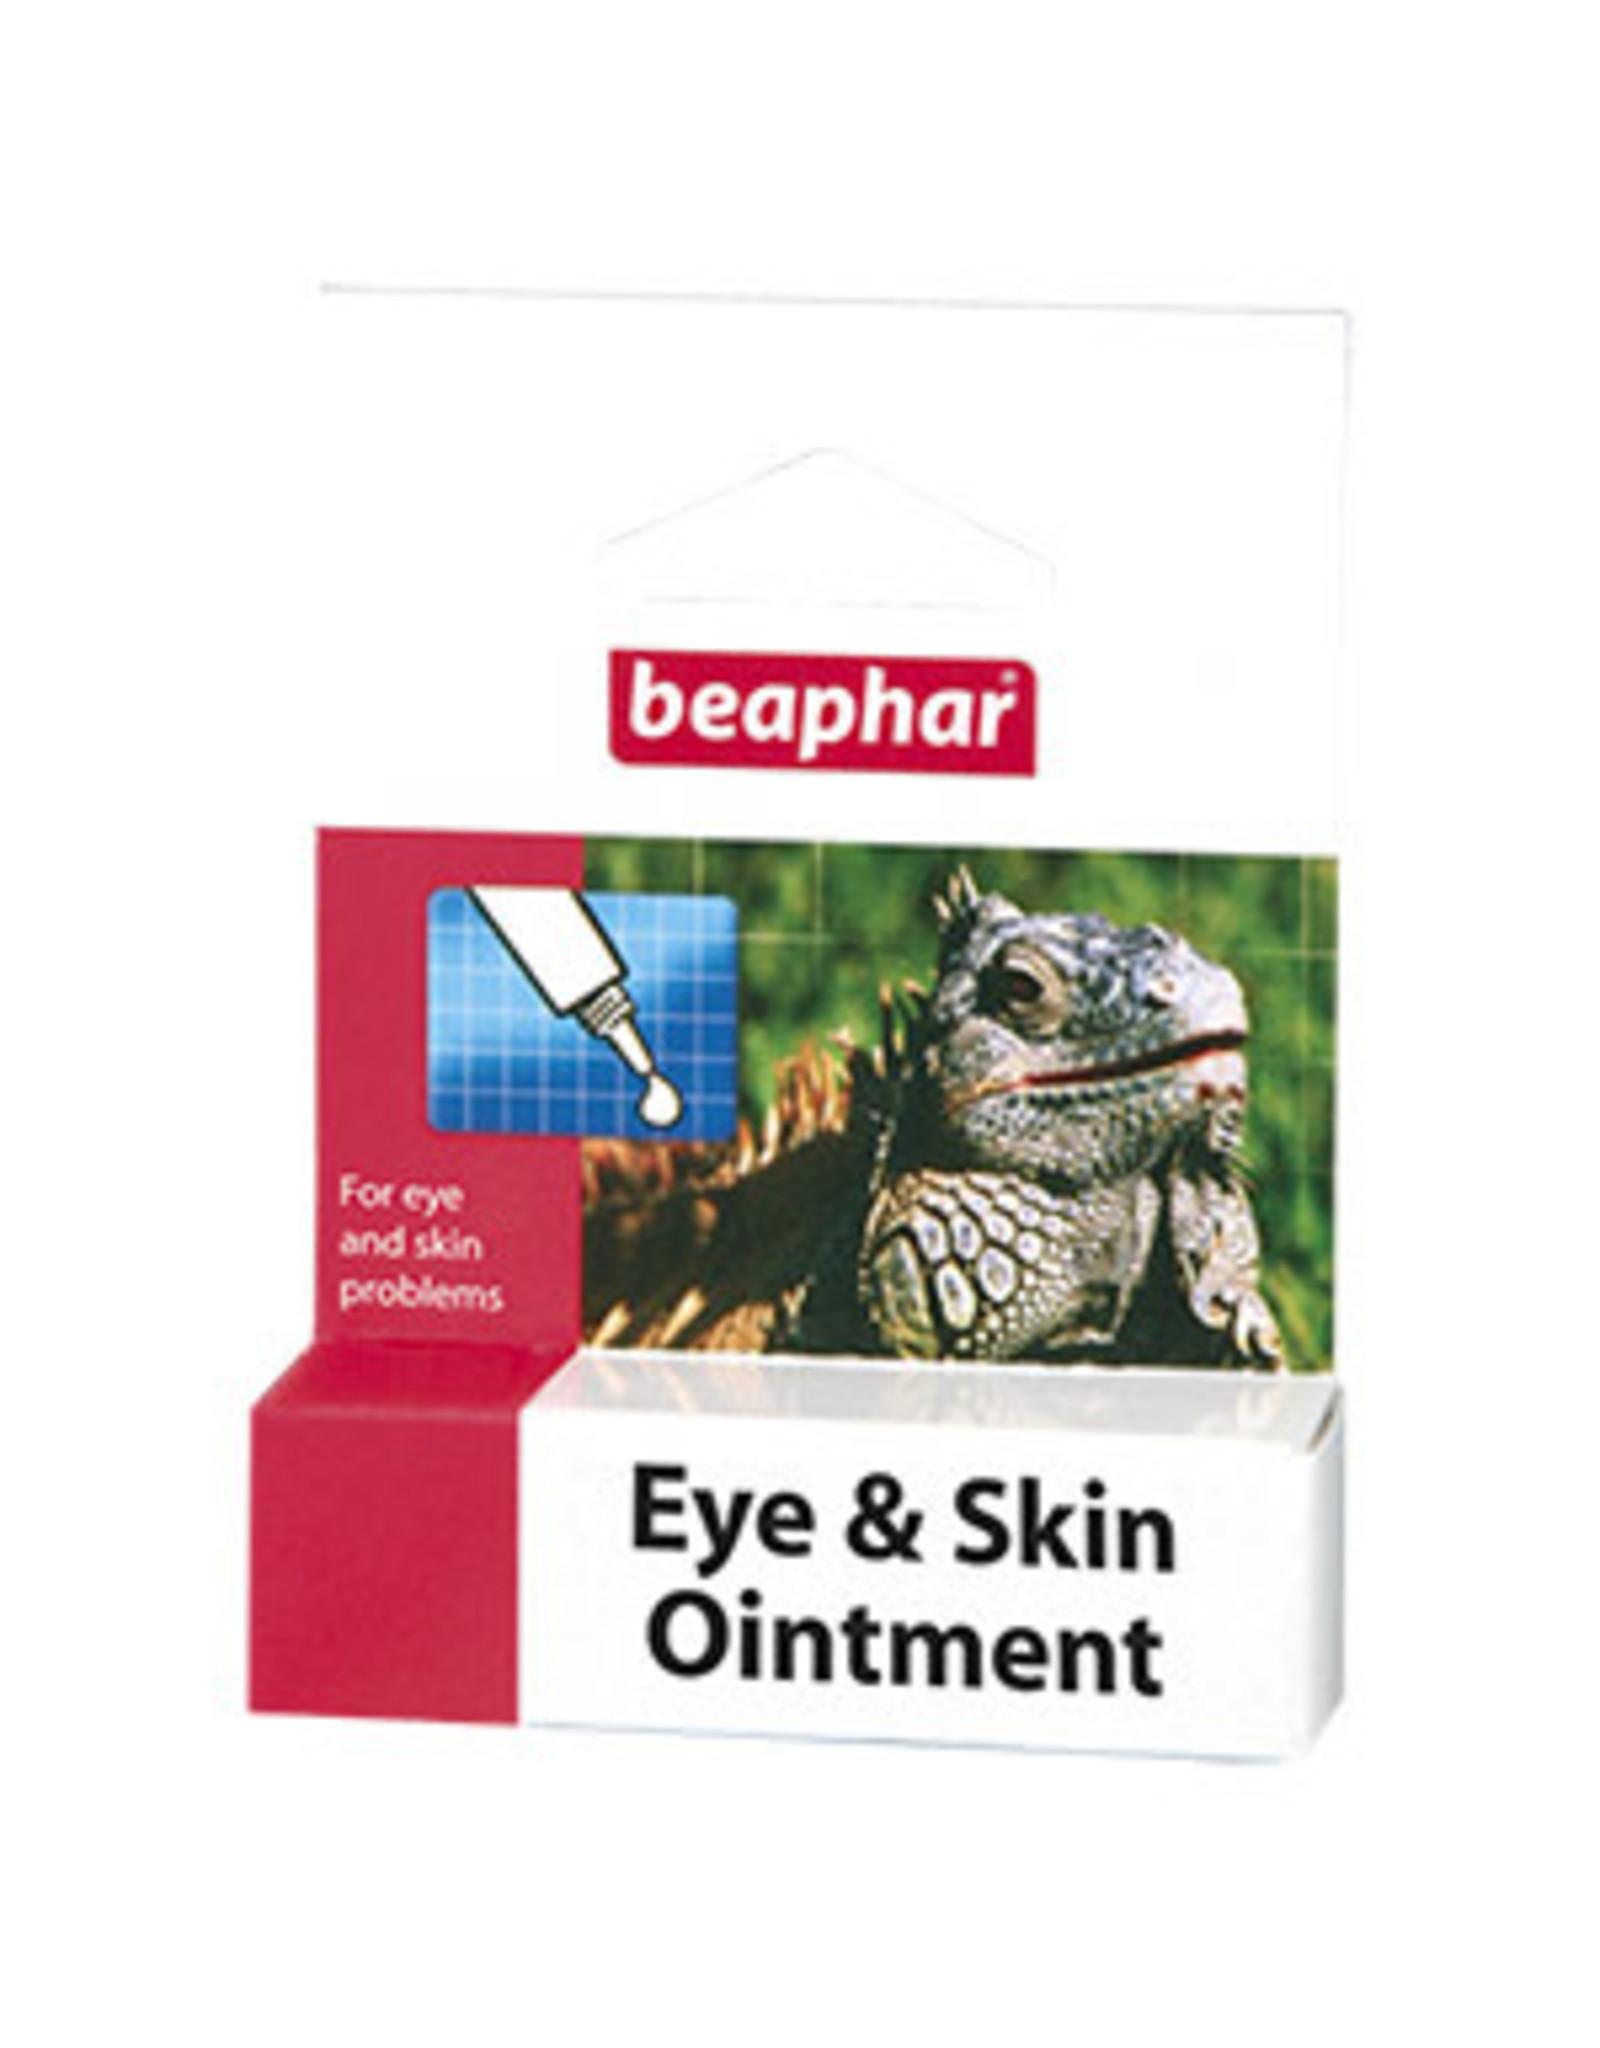 Beaphar Beaphar Reptile Eye & Skin Ointment 5g